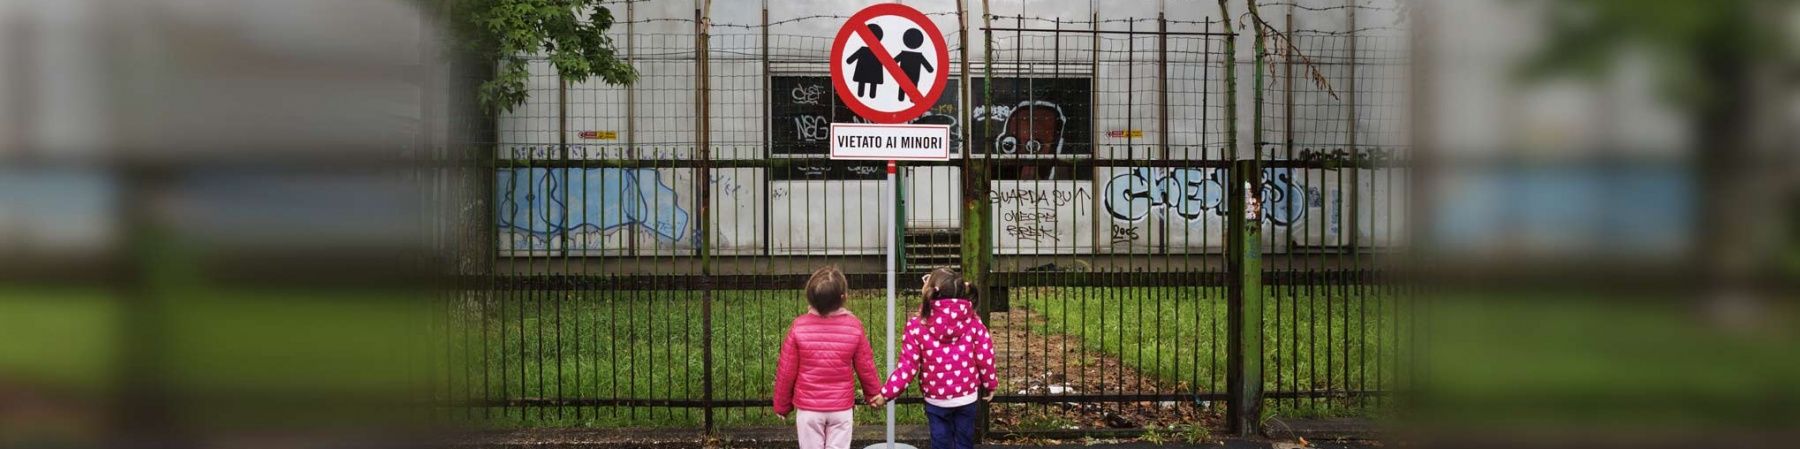 due bambine per mano davanti a un cartello con scritto vietato ai minori